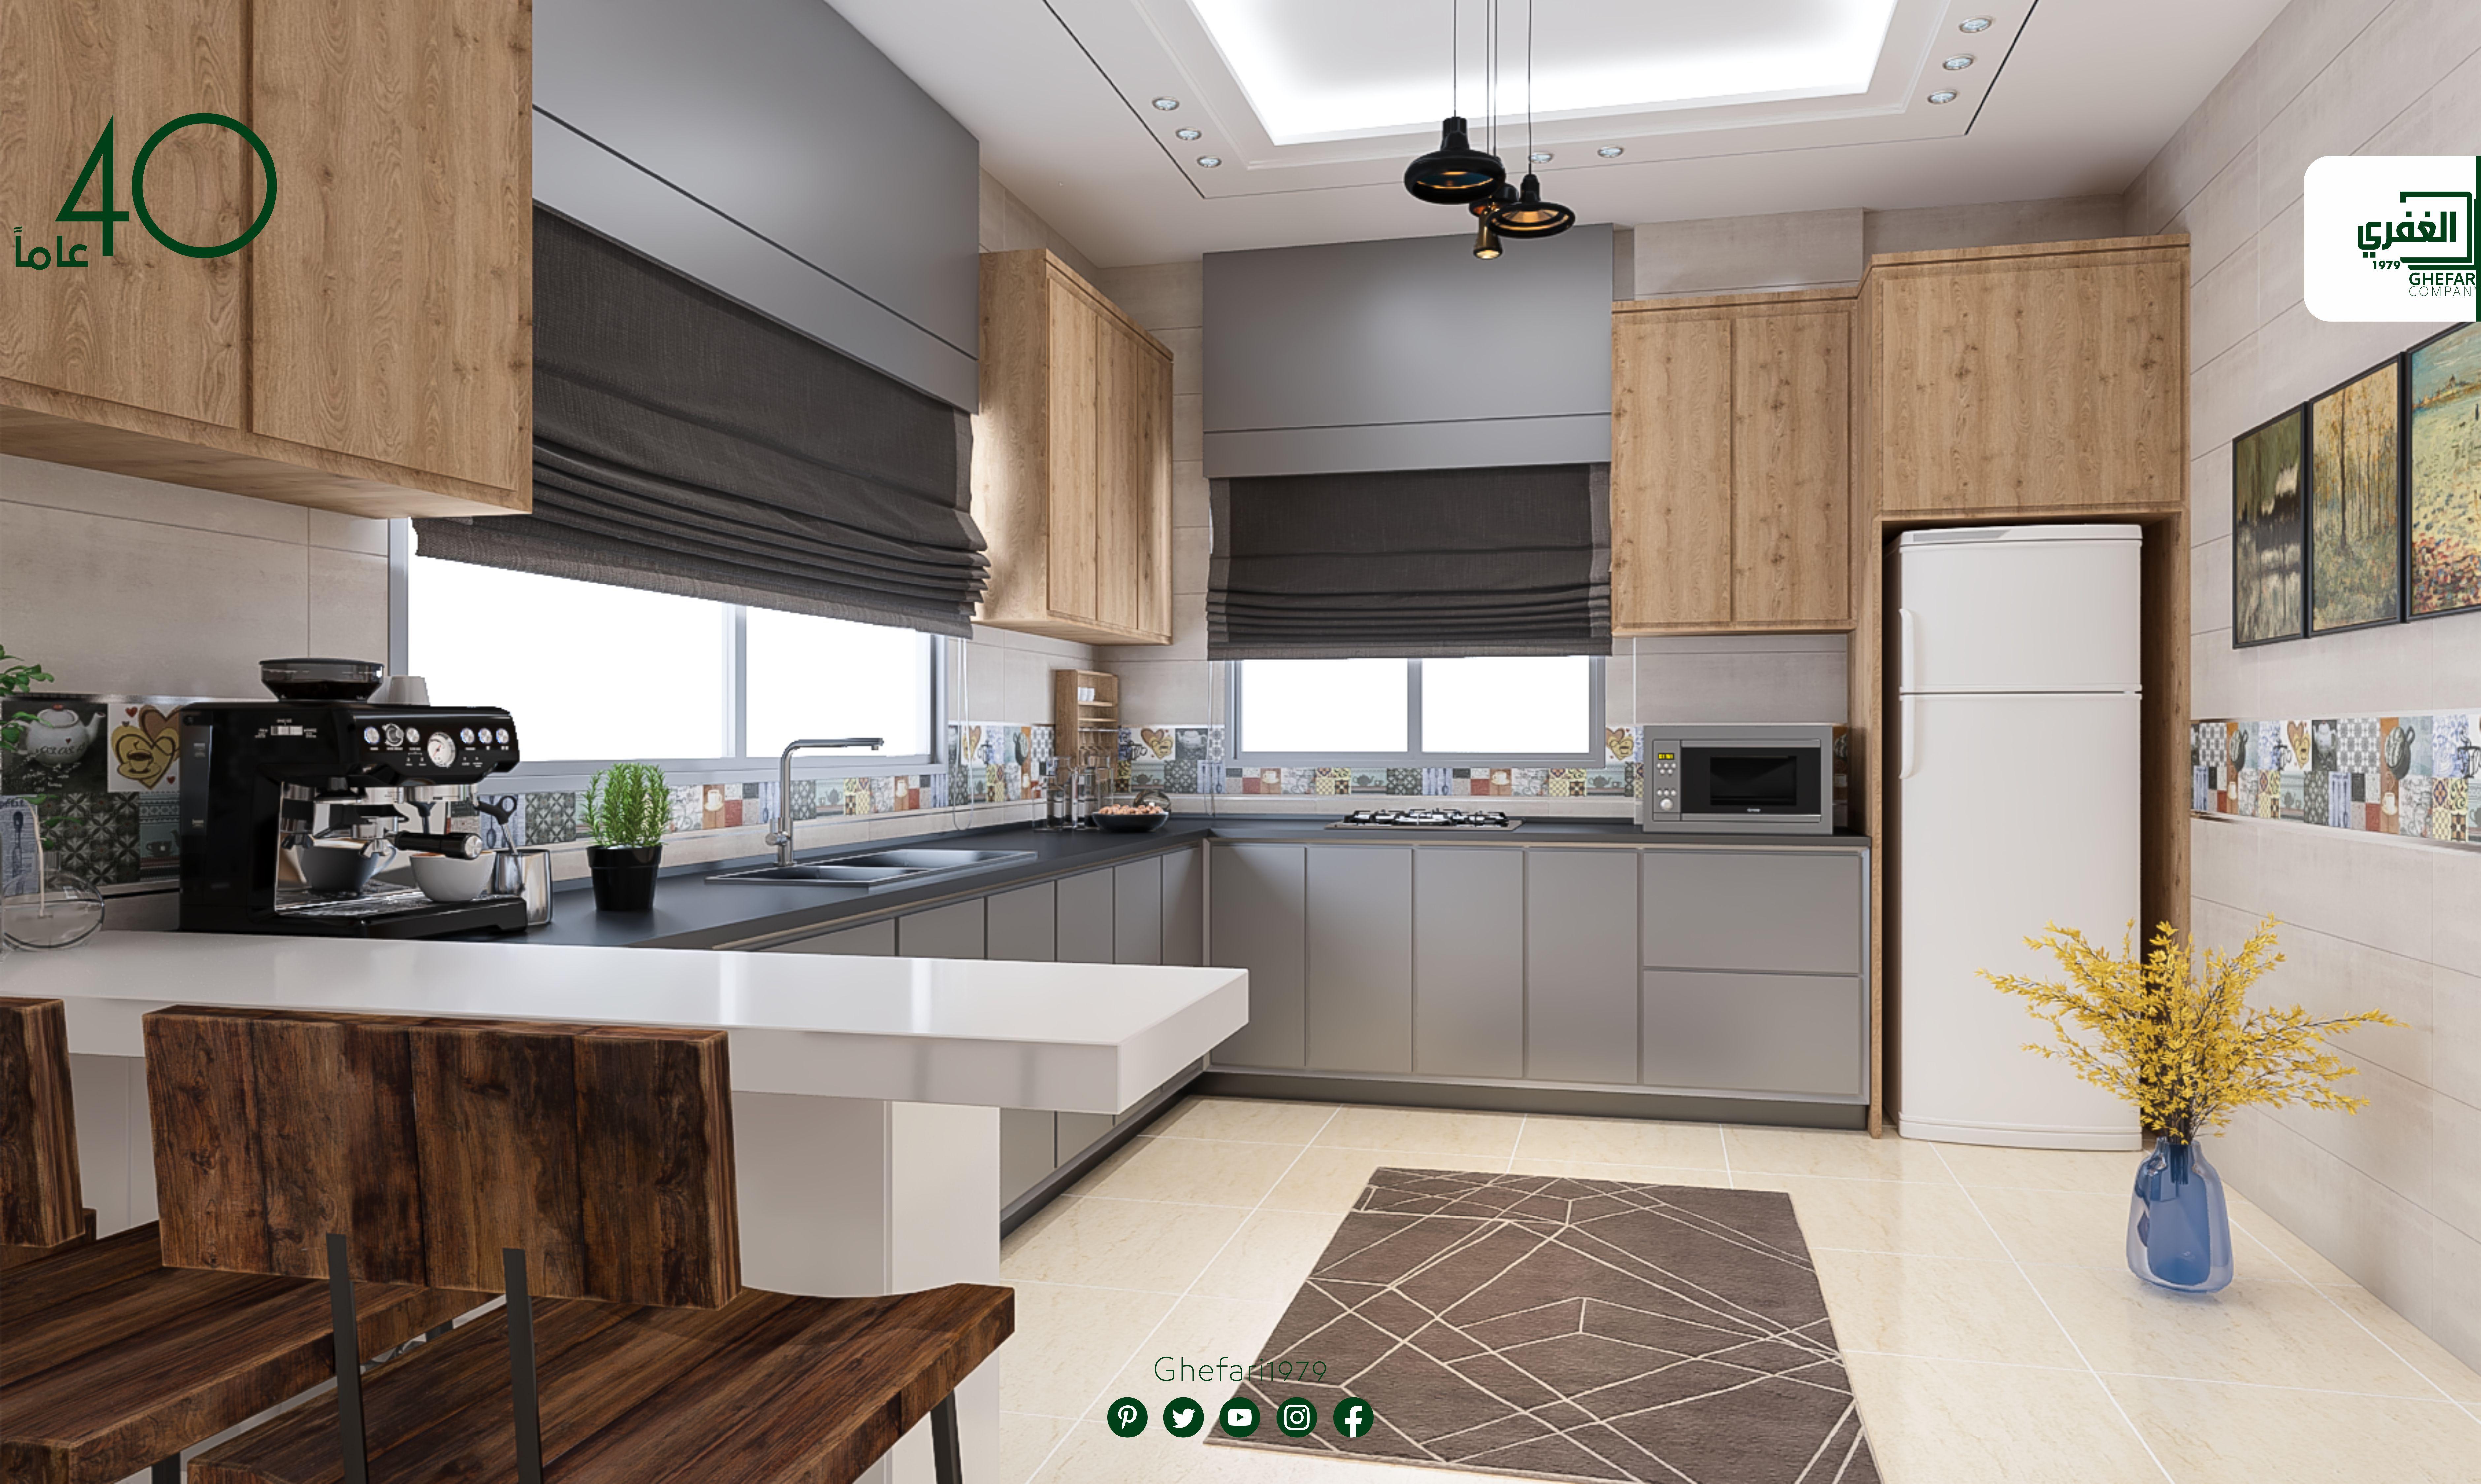 بورسلان كراميكا حوائط حمامات مطبخ اسباني الصنع للمزيد زورونا على موقع الشركة Www Ghefari Com واتس اب 00972599417956 ال Kitchen Home Decor Kitchen Cabinets